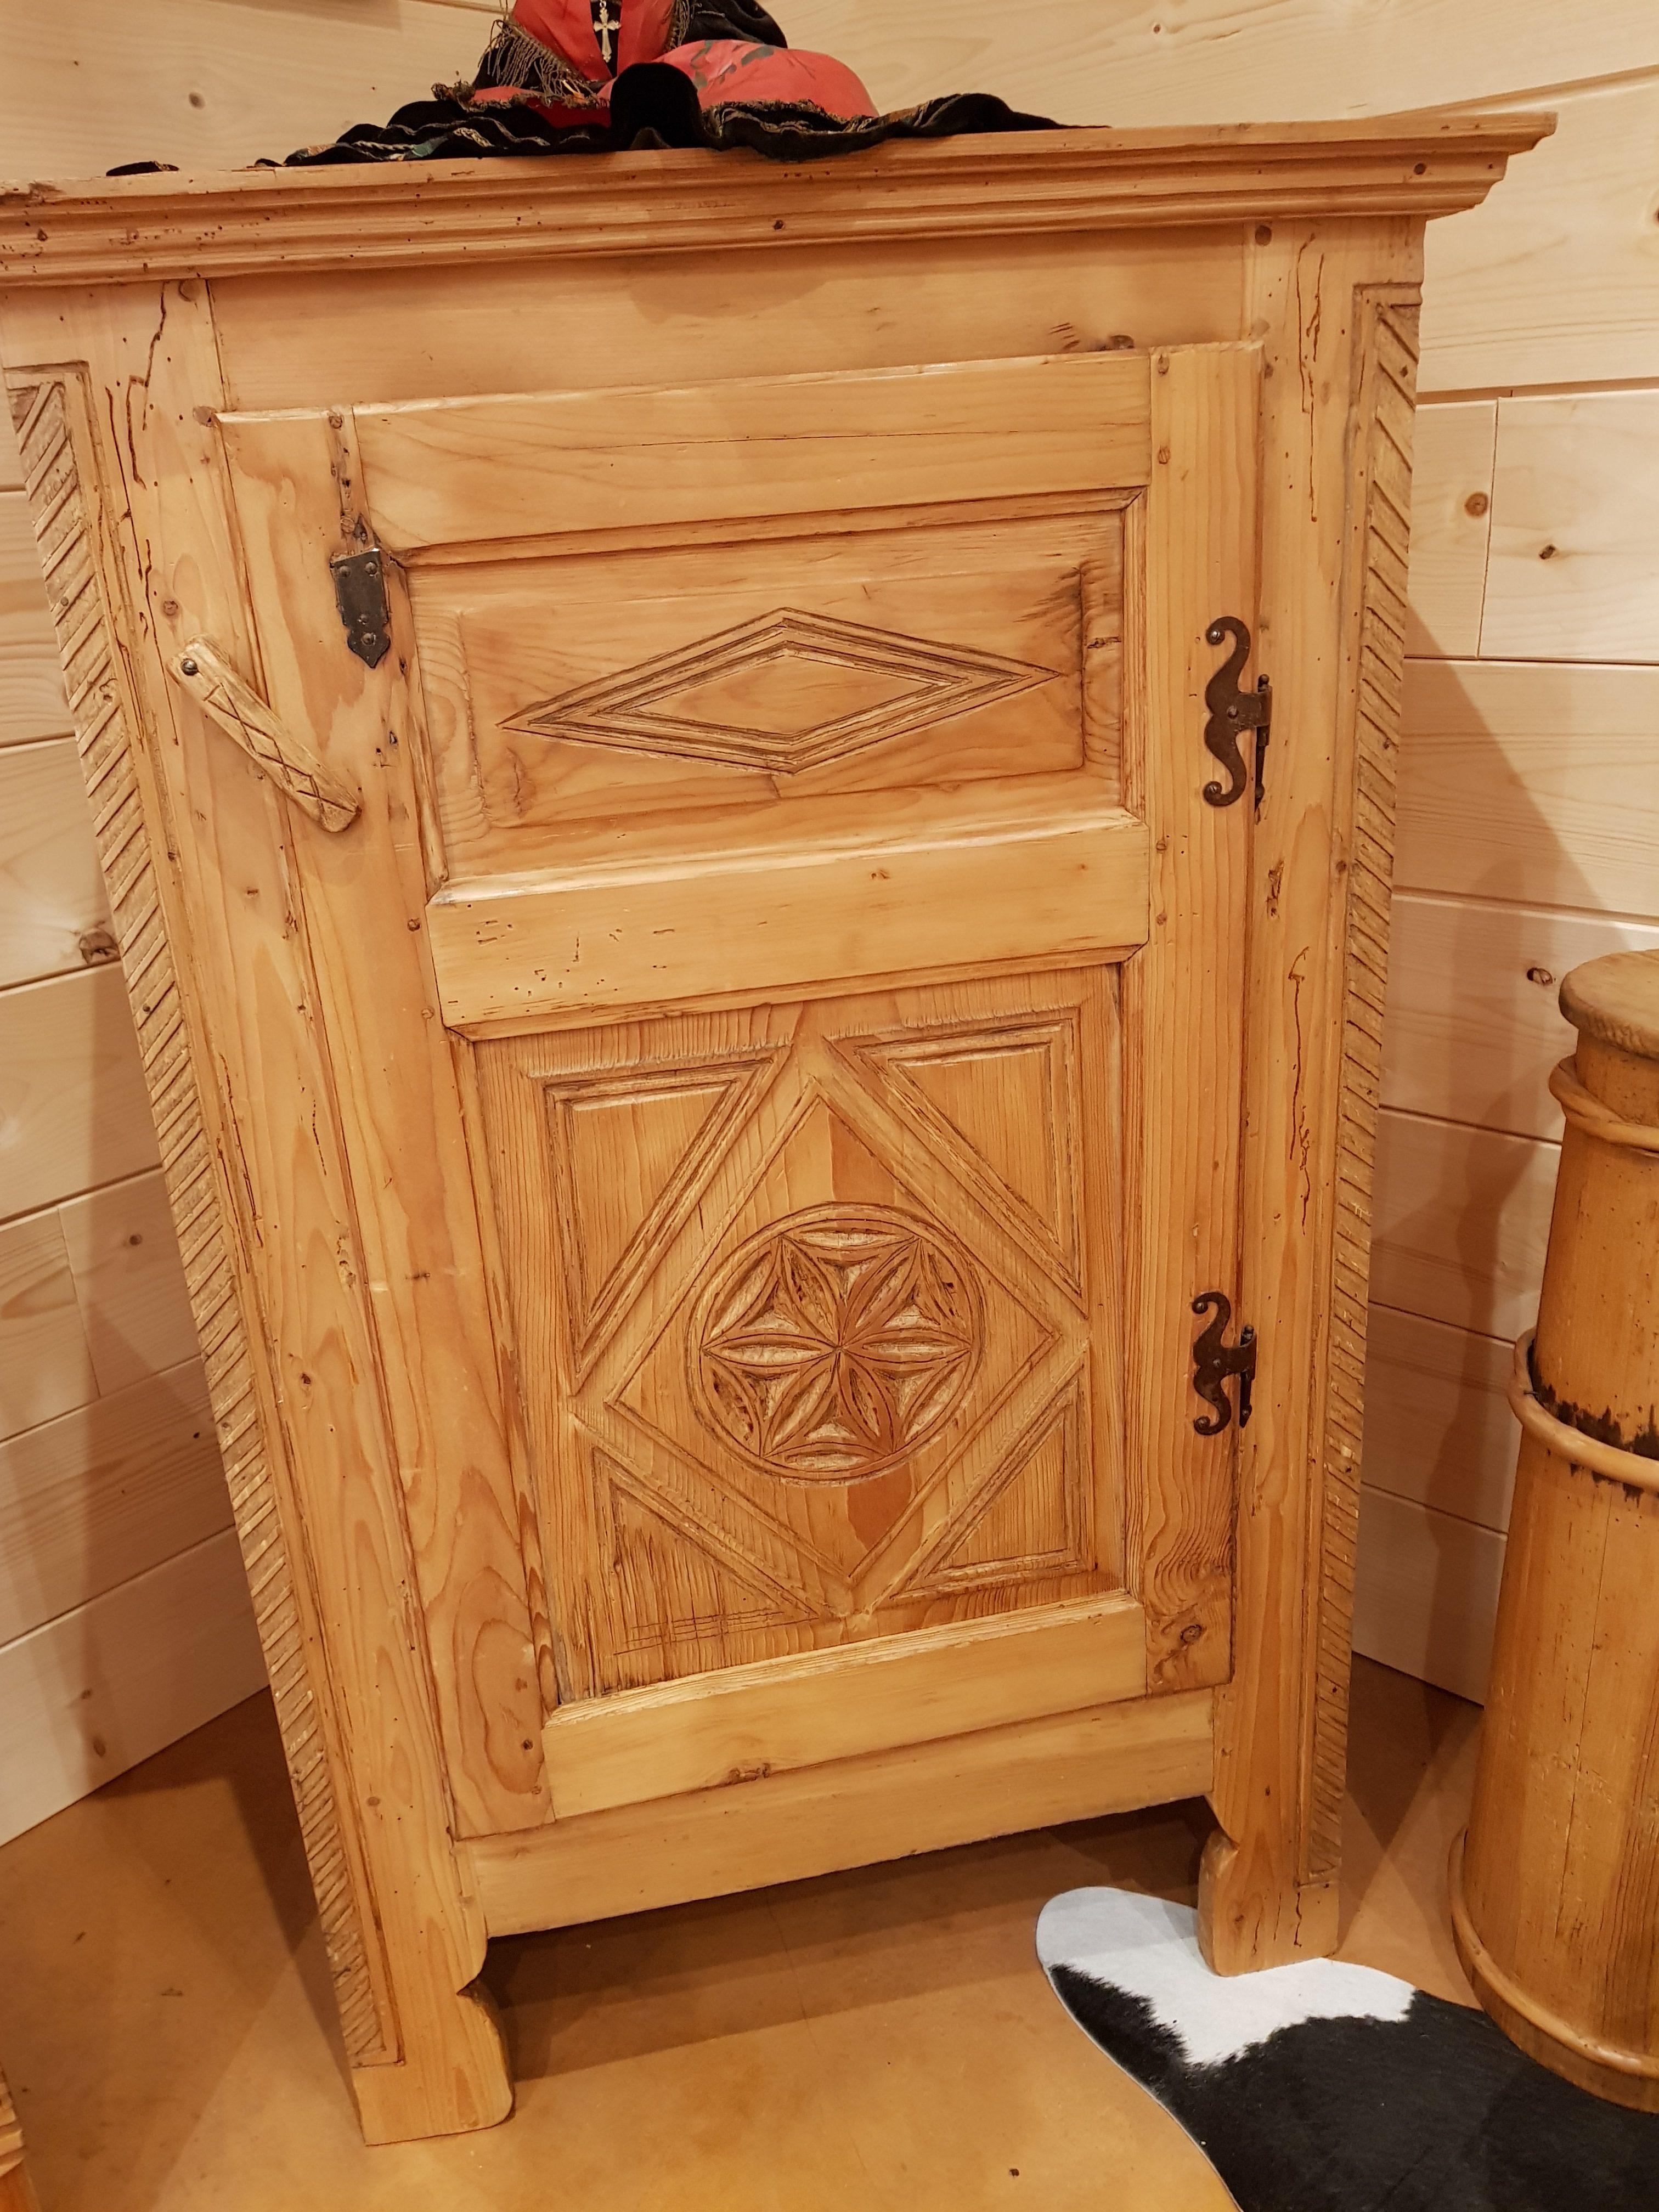 saint bon tarentaise d corateur d 39 int rieur meuble d co au vieux parchet st ferreol pres d. Black Bedroom Furniture Sets. Home Design Ideas